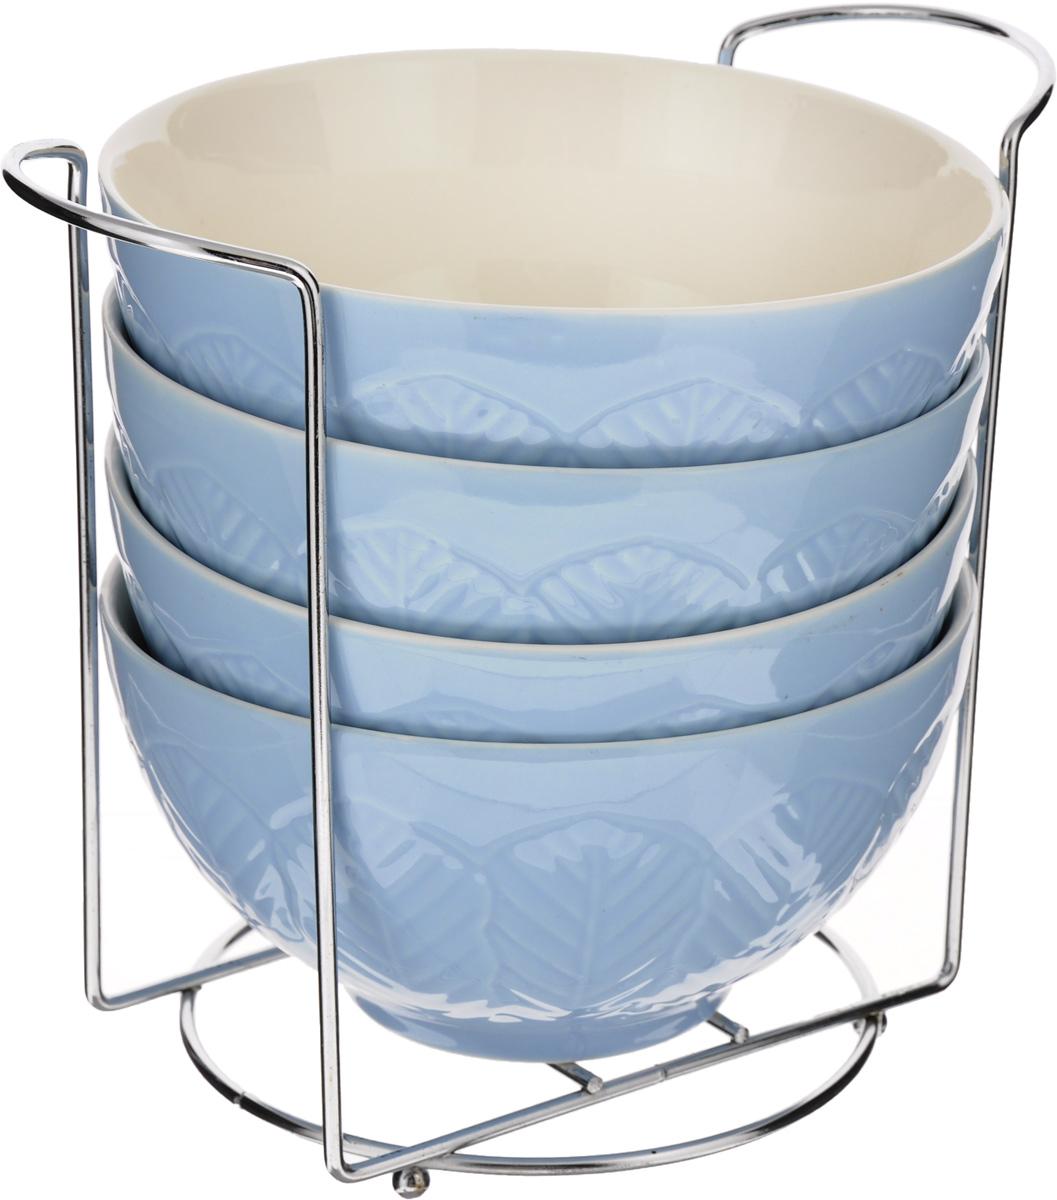 Набор супниц Loraine, на подставке, цвет: синий, белый, 420 мл, 5 предметов22571Набор Loraine включает четыре супницы, выполненные из высококачественной глазурованной керамики. Внешние стенки декорированы рельефным узором. Набор прекрасно подходит для подачи супов, бульонов и других блюд. Элегантный дизайн отлично впишется в интерьер любой кухни. Супницы компактно размещаются на подставке из железа. Посуду можно использовать в микроволновой печи и холодильнике, а также мыть в посудомоечной машине. Объем супниц: 420 мл. Диаметр супниц (по верхнему краю): 15,5 см. Высота супниц: 8 см. Размер подставки: 20 х 13 х 18 см.